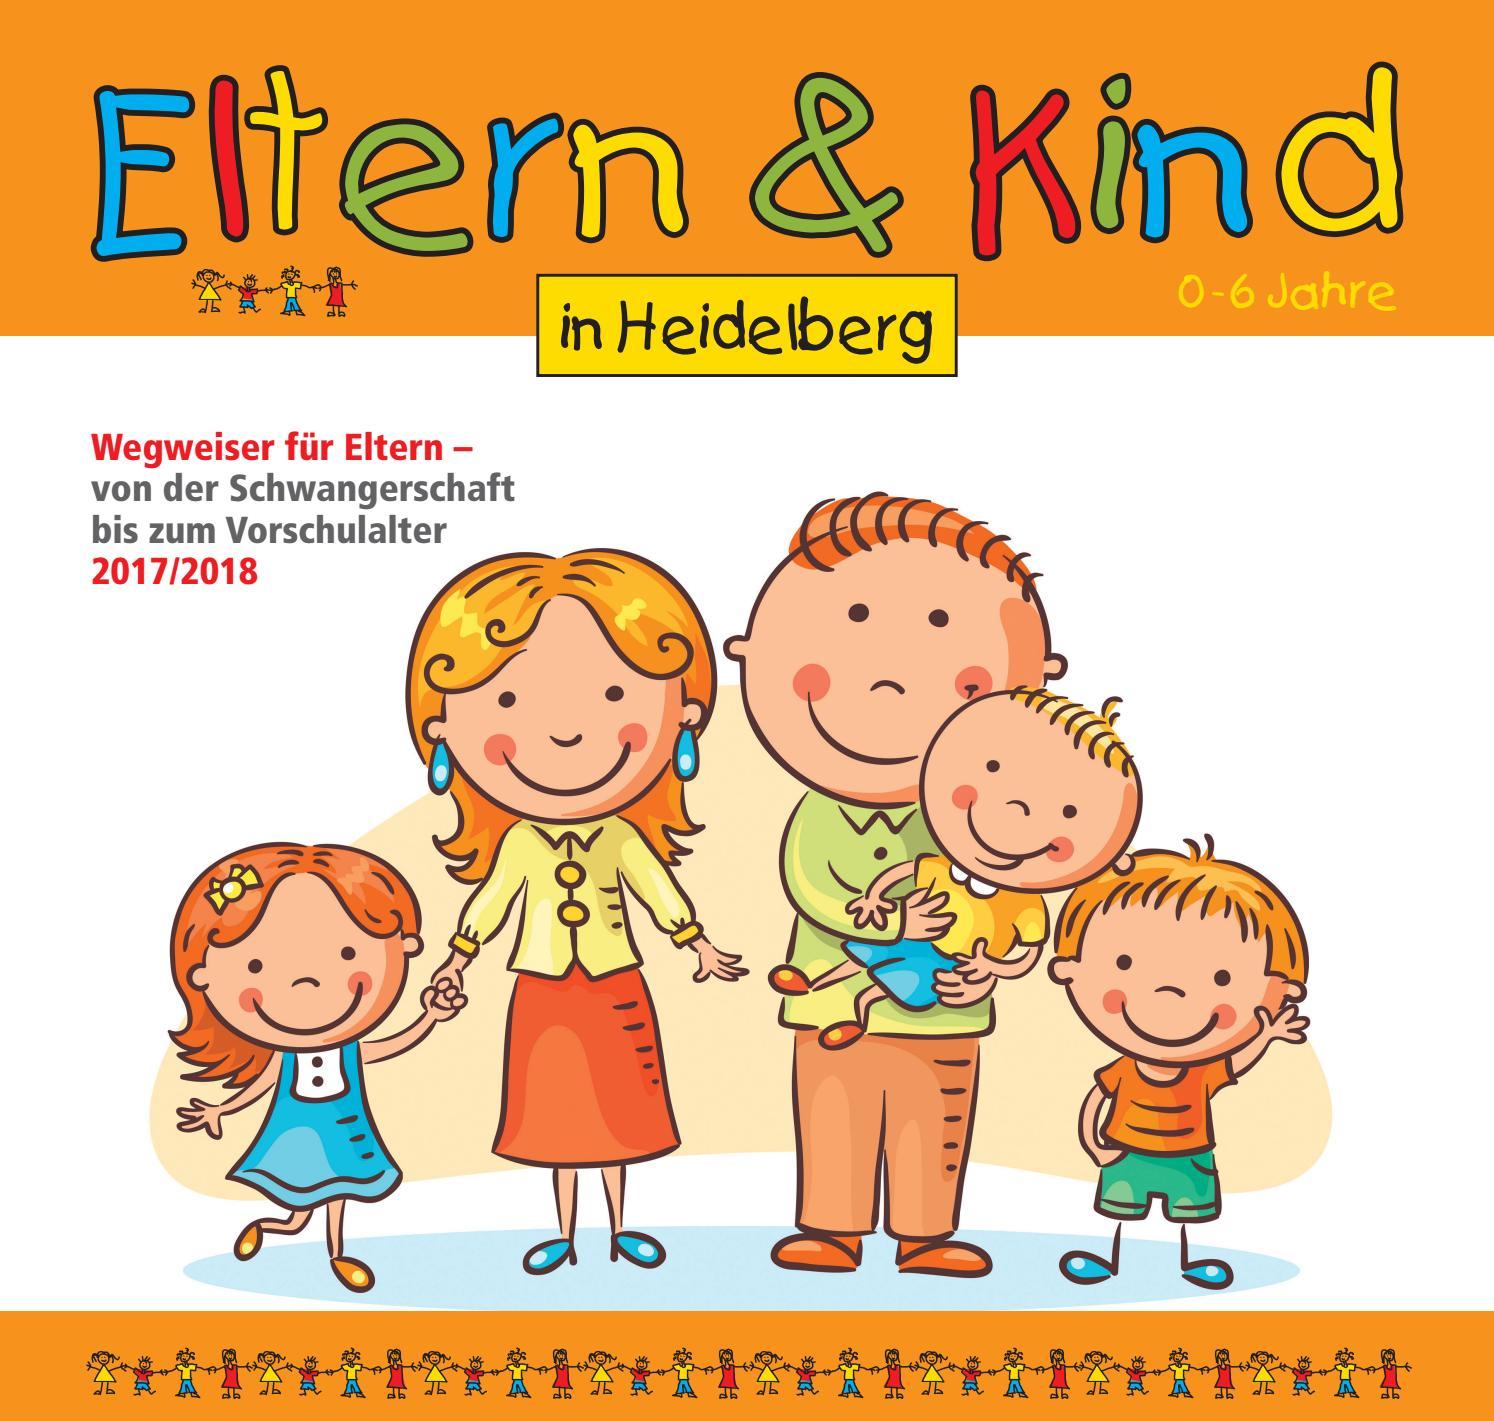 Eltern & Kind in Heidelberg 2017 by DER PLAN OHG - issuu